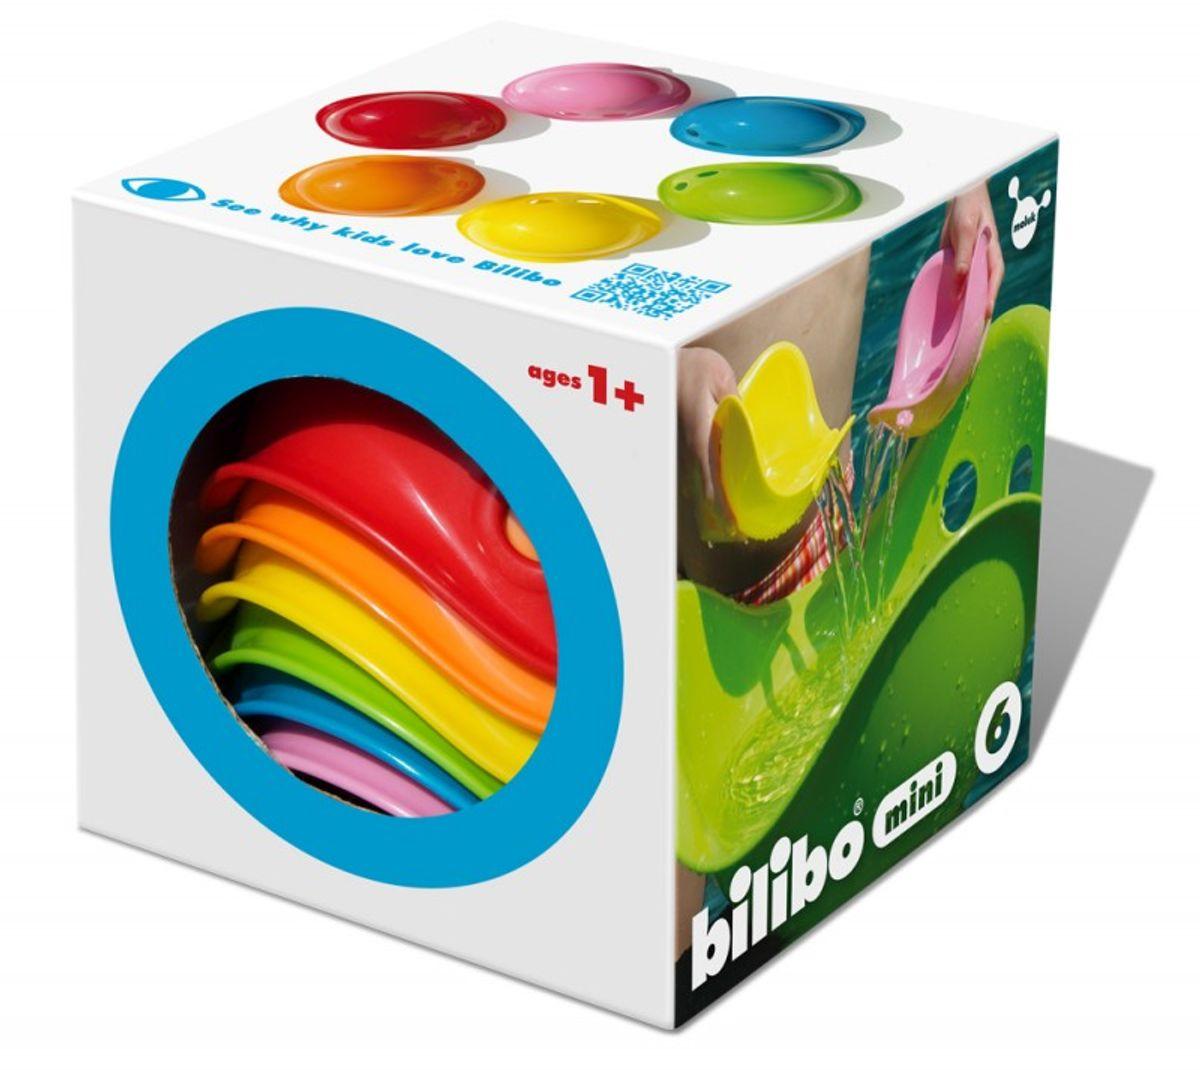 Bilibo Mini Im 6er Pack Das Ausgefallene Spielzeug Fürs Kreative